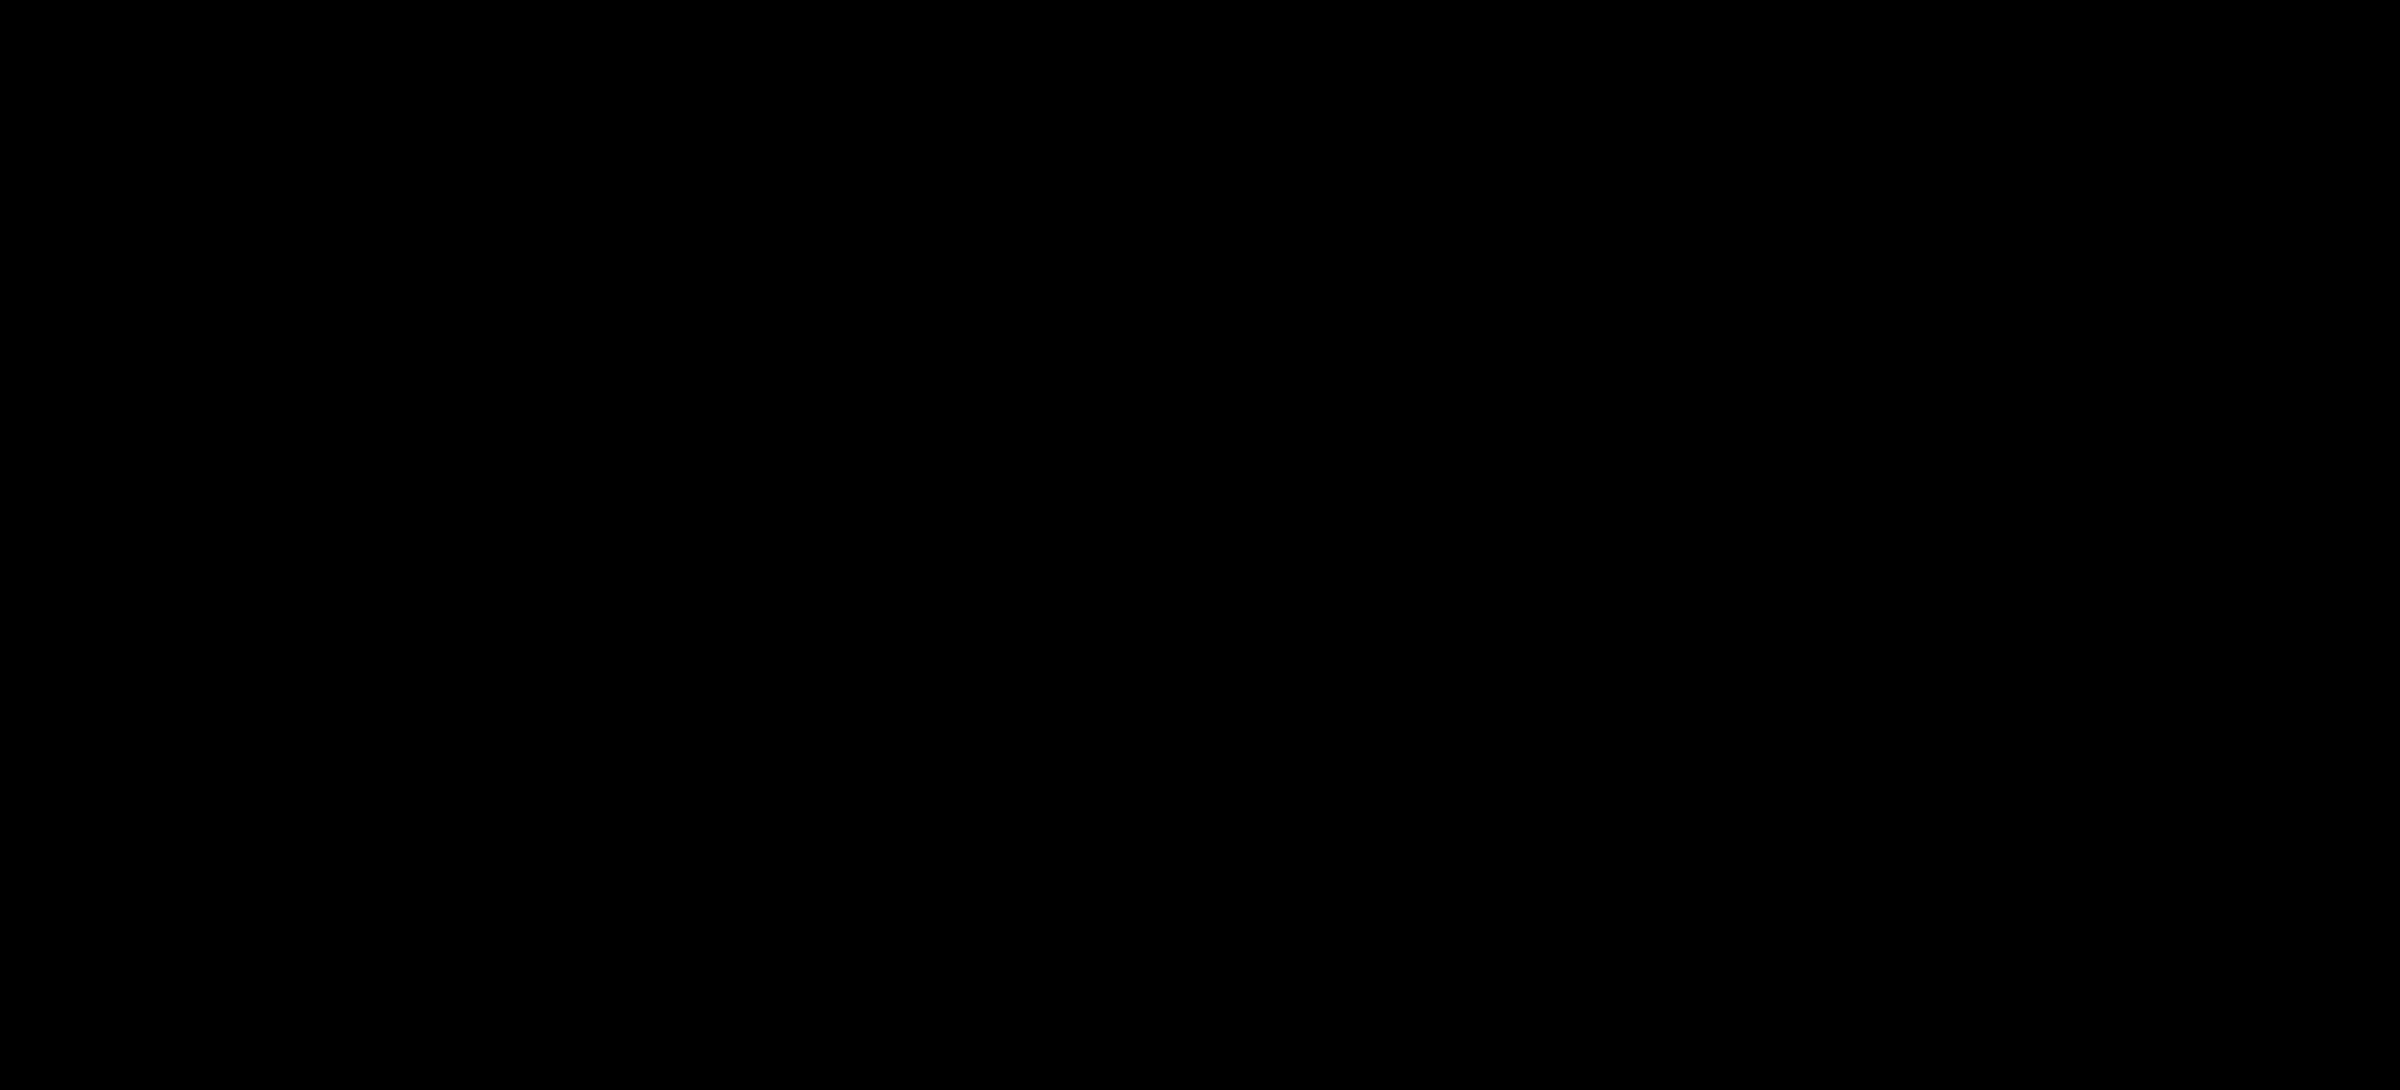 American Standard 2 Logo PNG Transparent & SVG Vector.